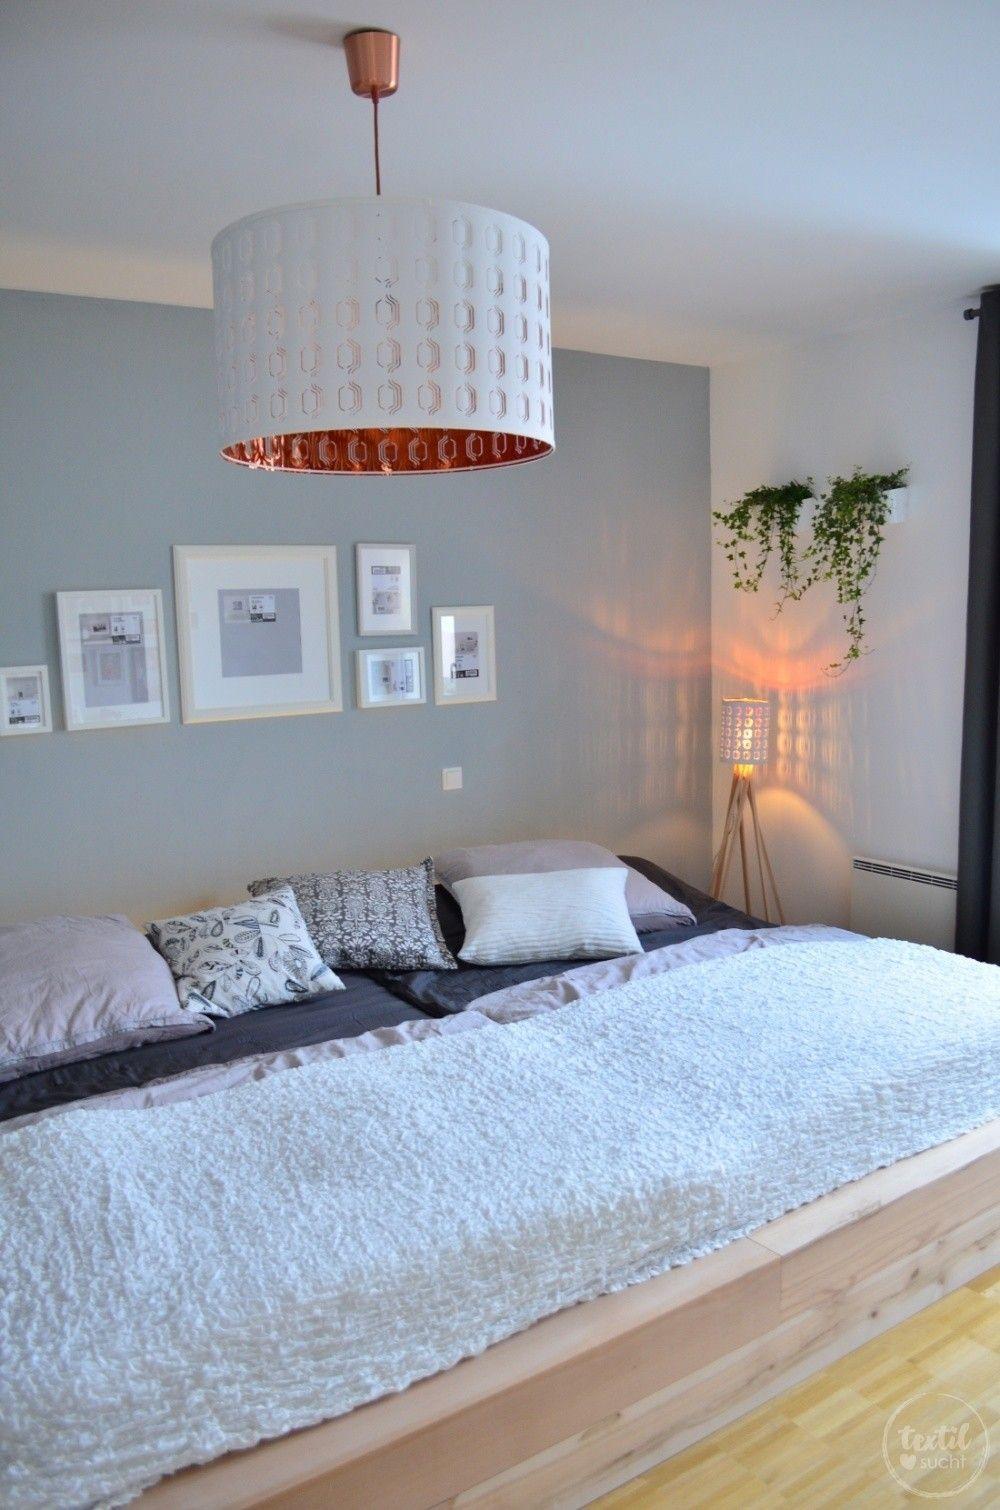 Einmal neues Schlafzimmer bitte: Familienbett bauen - Bild 1 ...